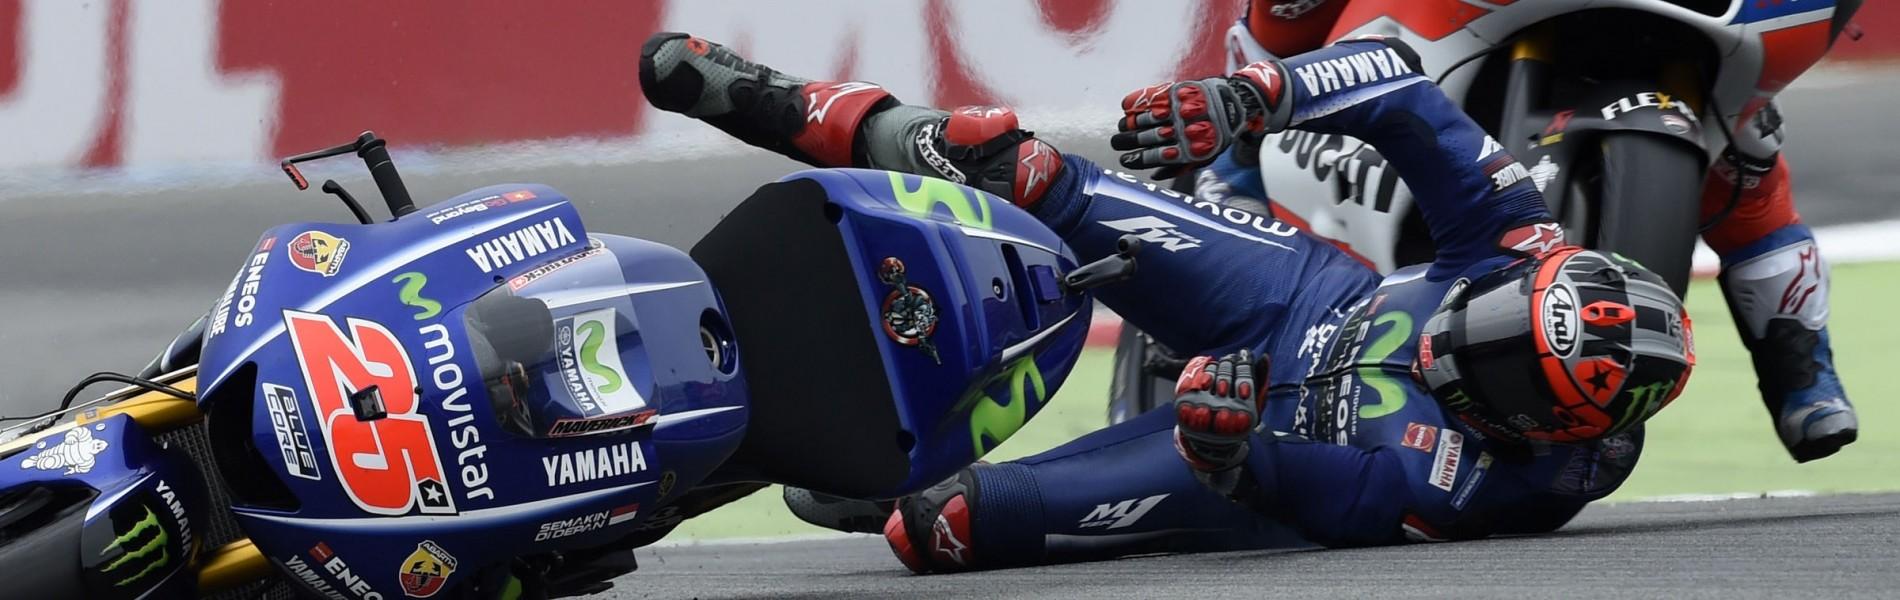 Maverick Viñales at the 2017 Grand Prix of Netherlands